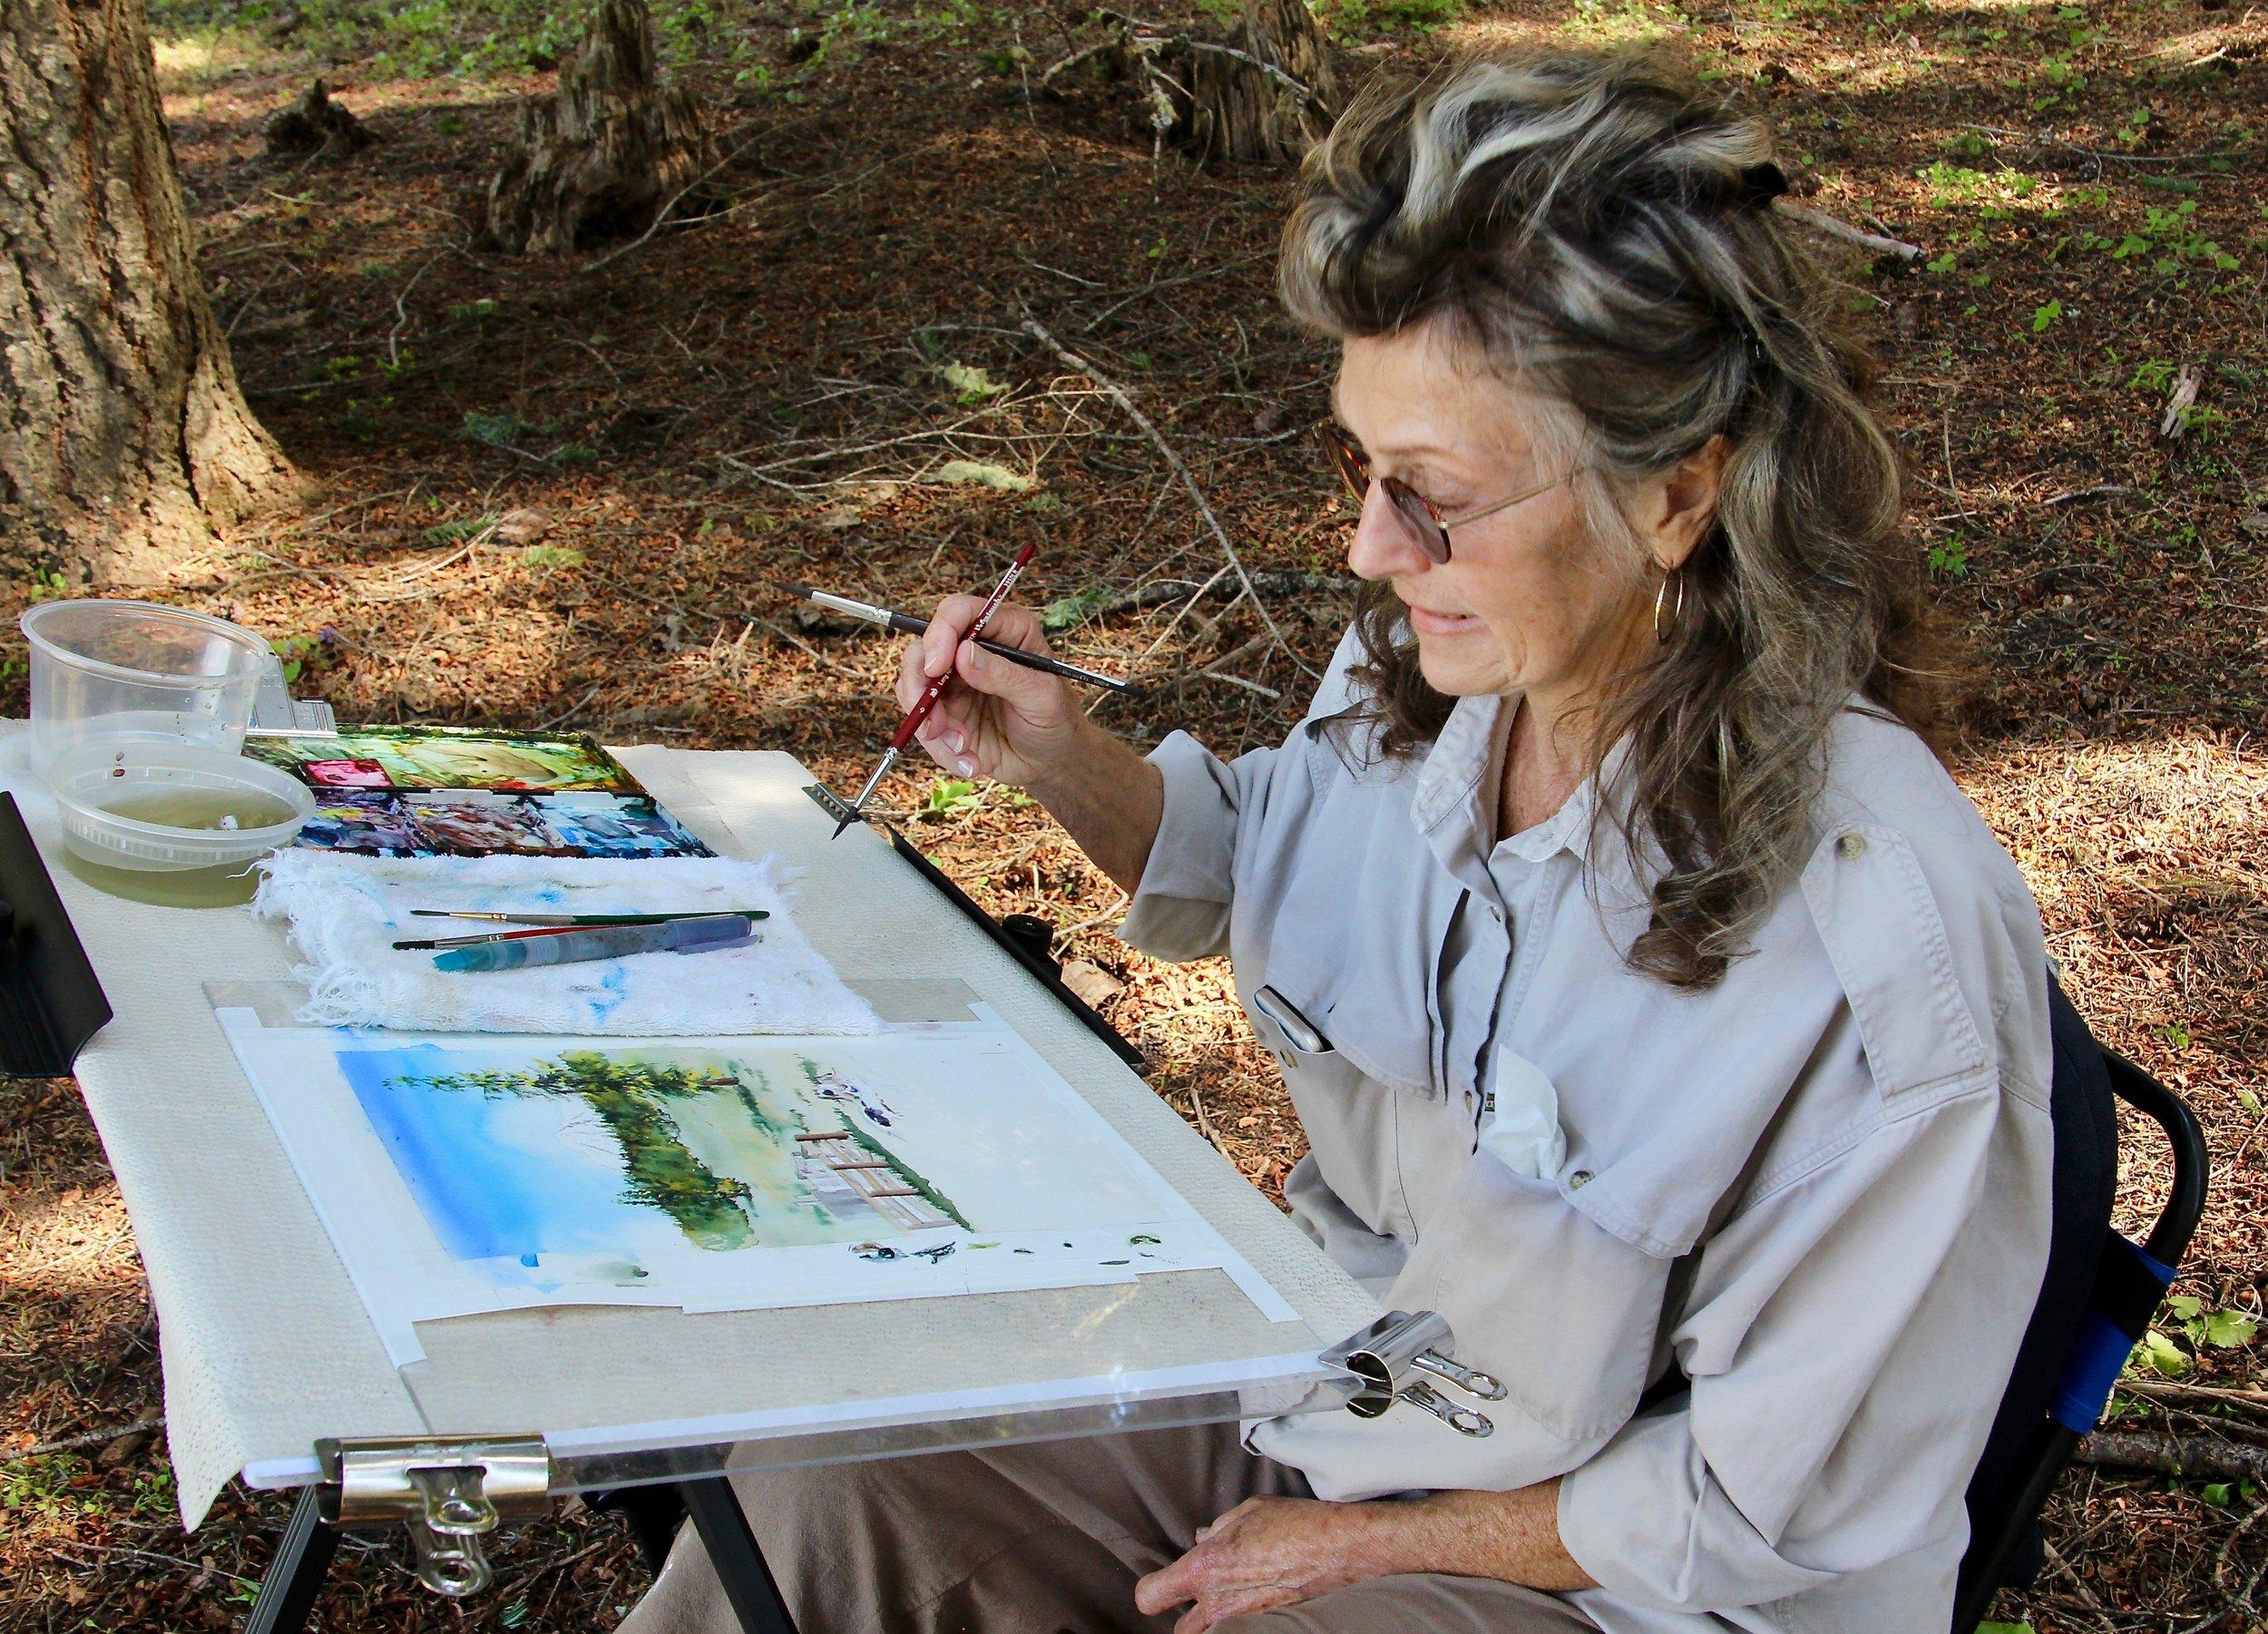 Elaine Frennett paints on-site